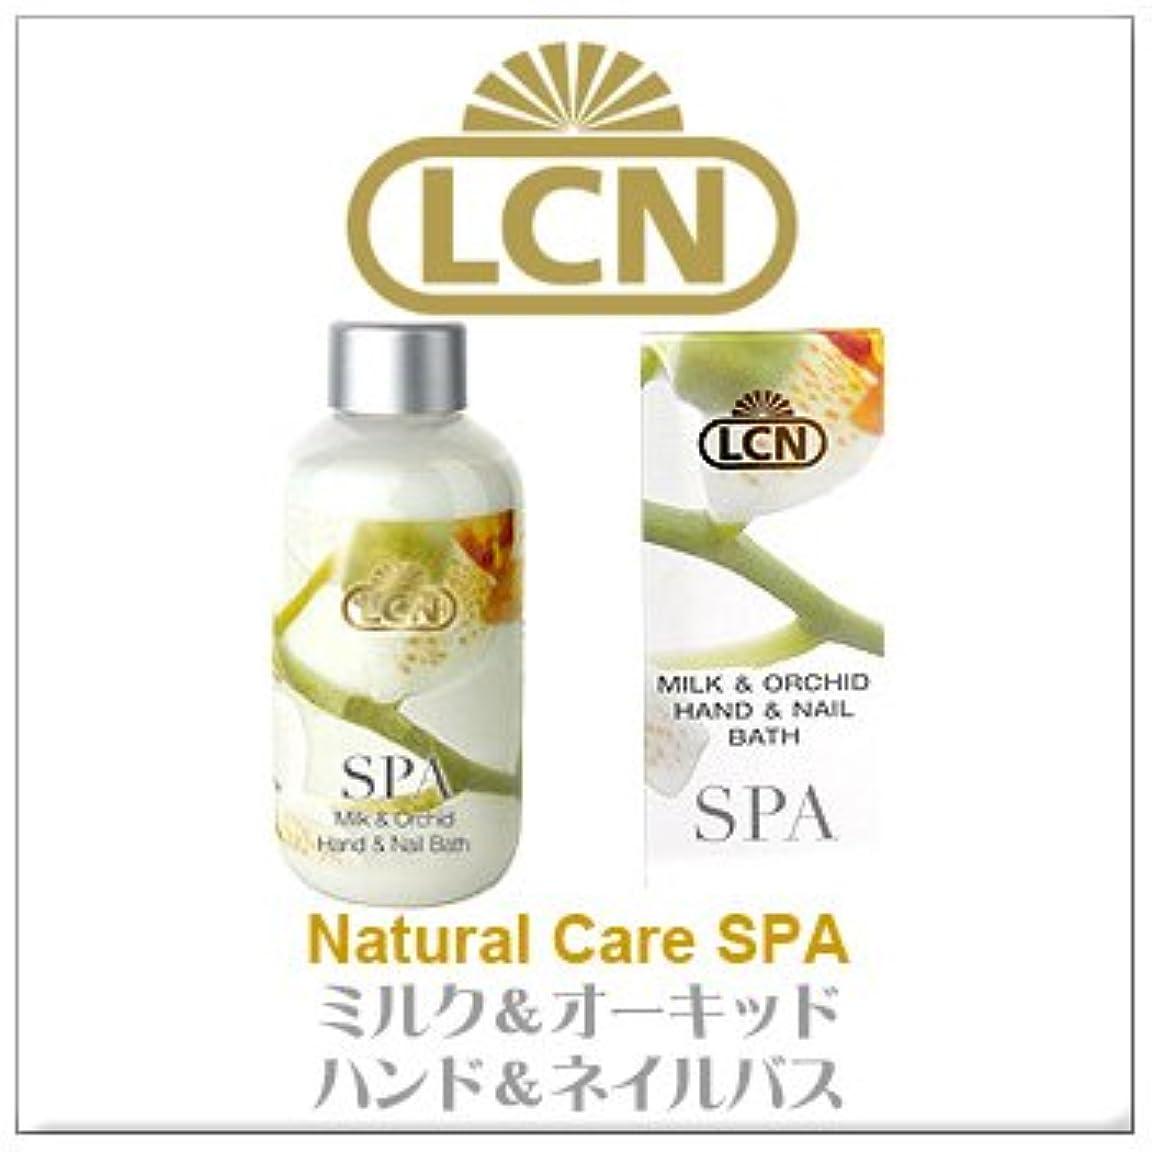 LCN ナチュラルケアスパ ミルク&オーキッド ハンド&ネイルバス